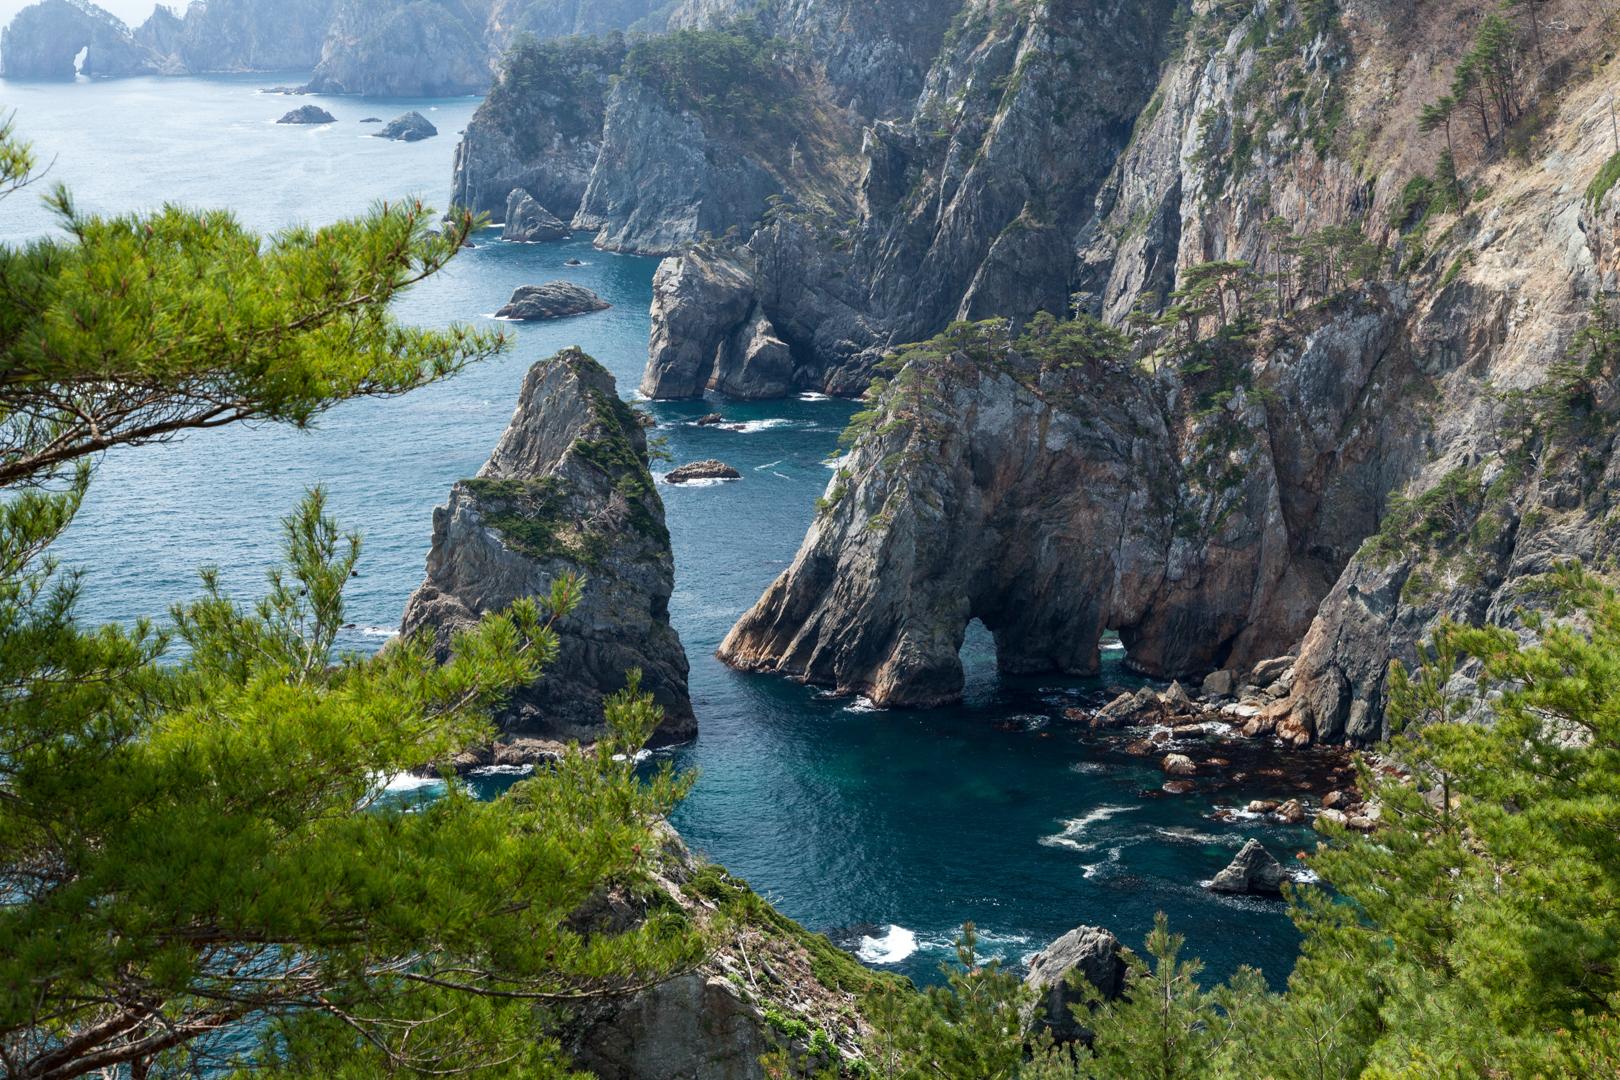 Michinoku Coastal Trail - Tanohata Kitayamazaki